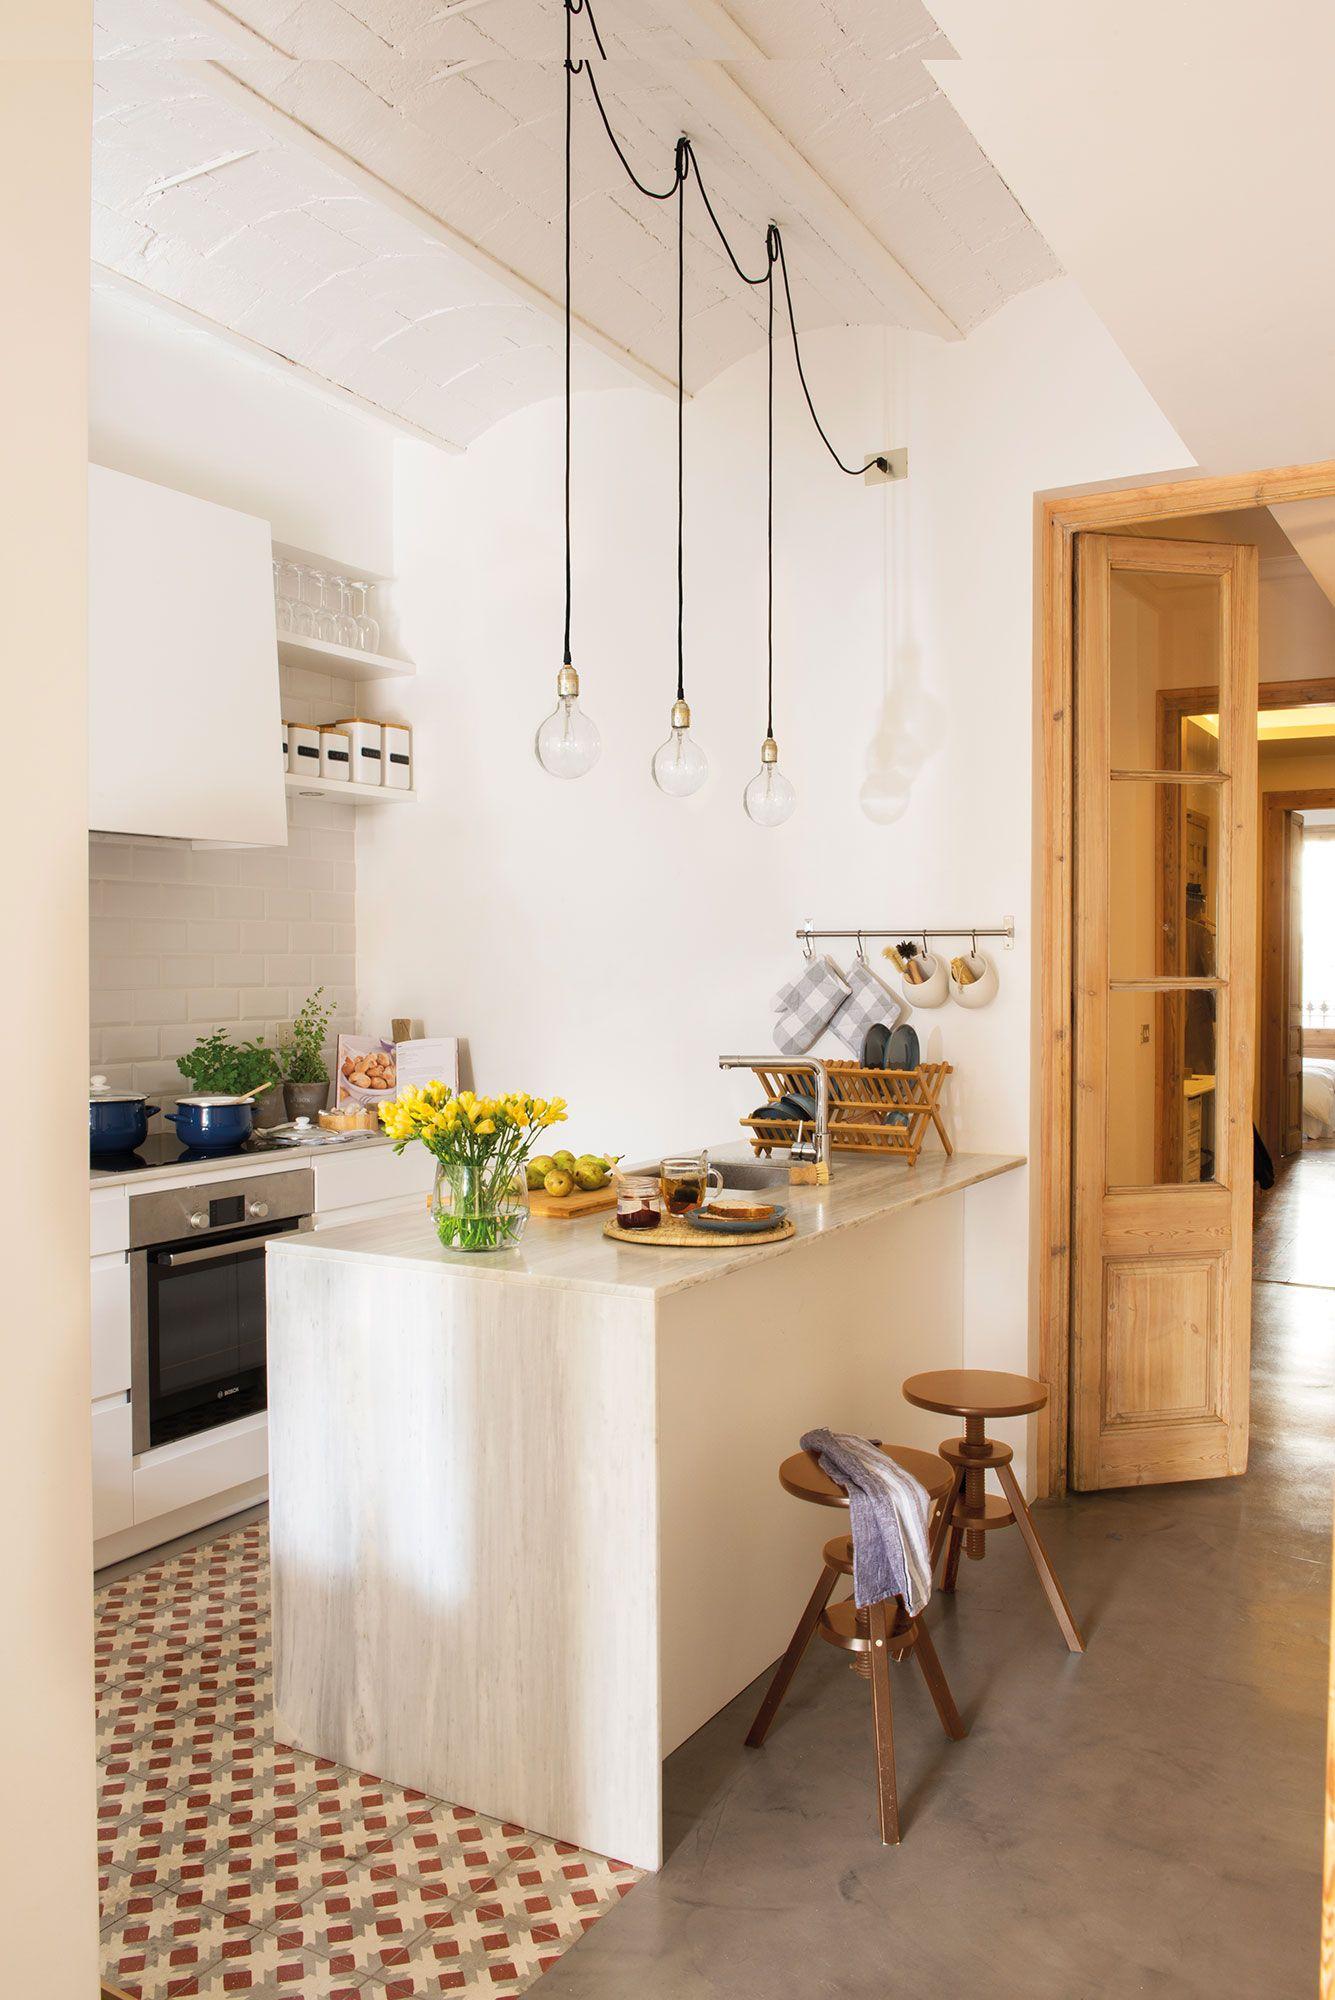 cocina en blanco abierta al pasillo y con suelo hidr ulico